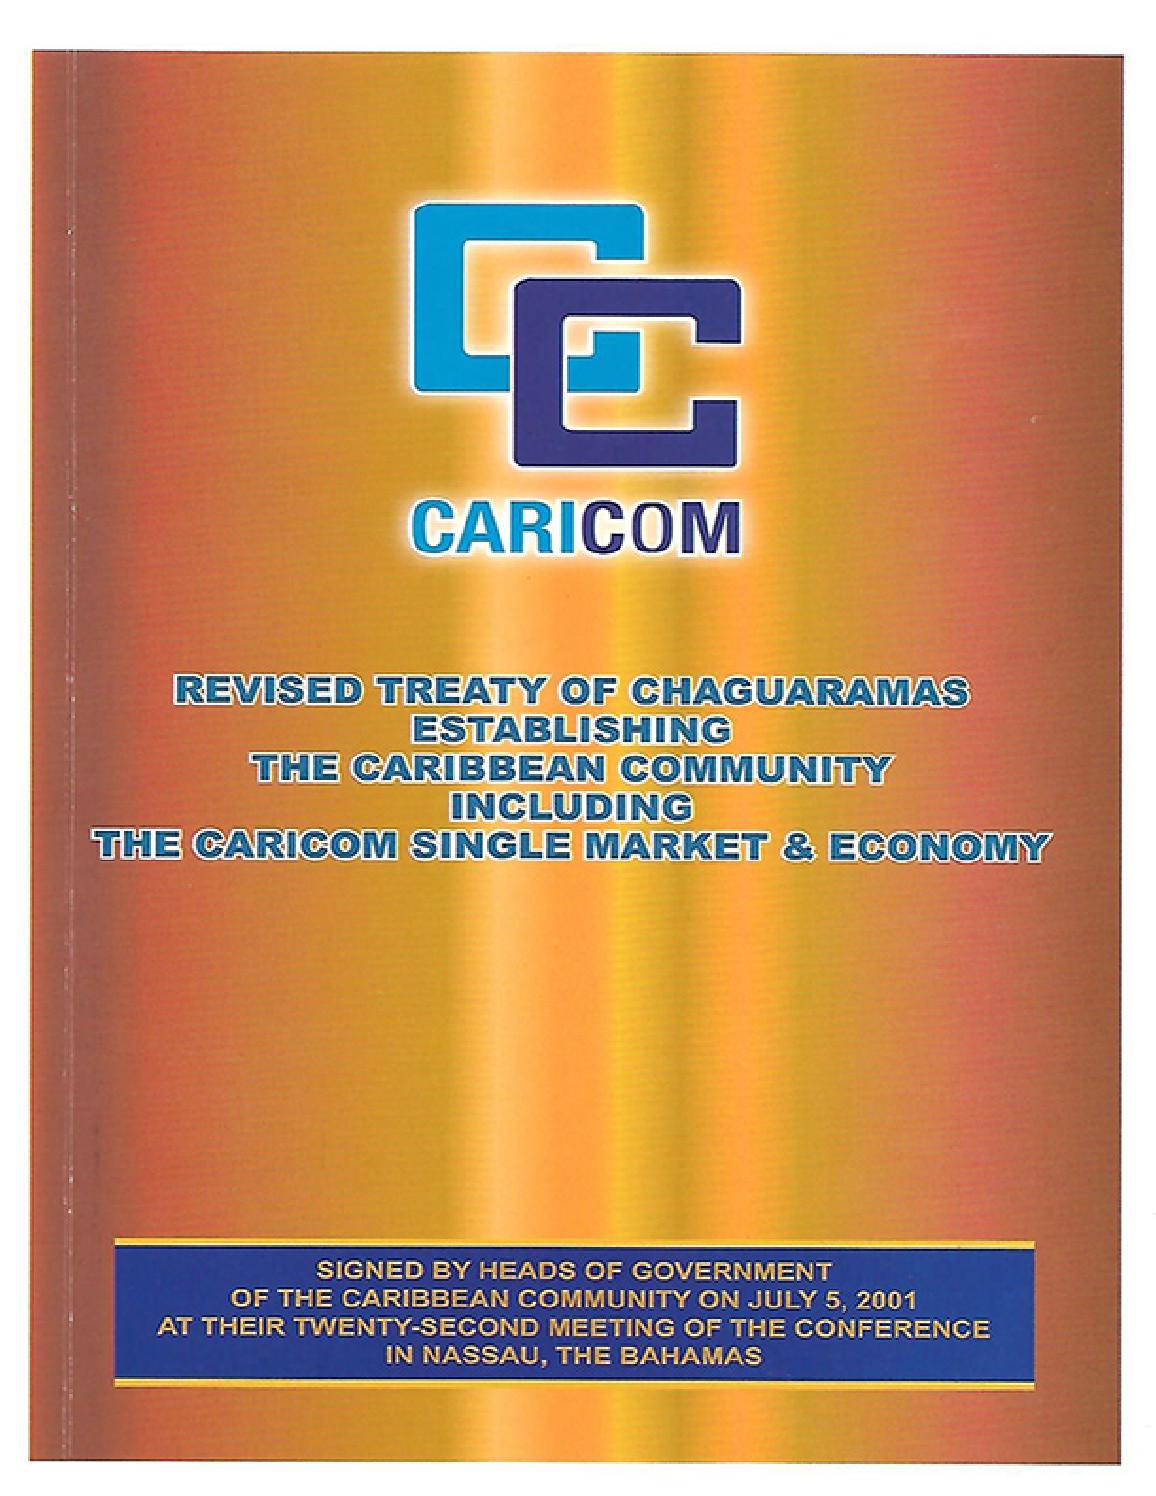 the caricom single market economy Caribbean community and common market revised treaty of chaguaramas establishing the caribbean community including the caricom single market and economy.